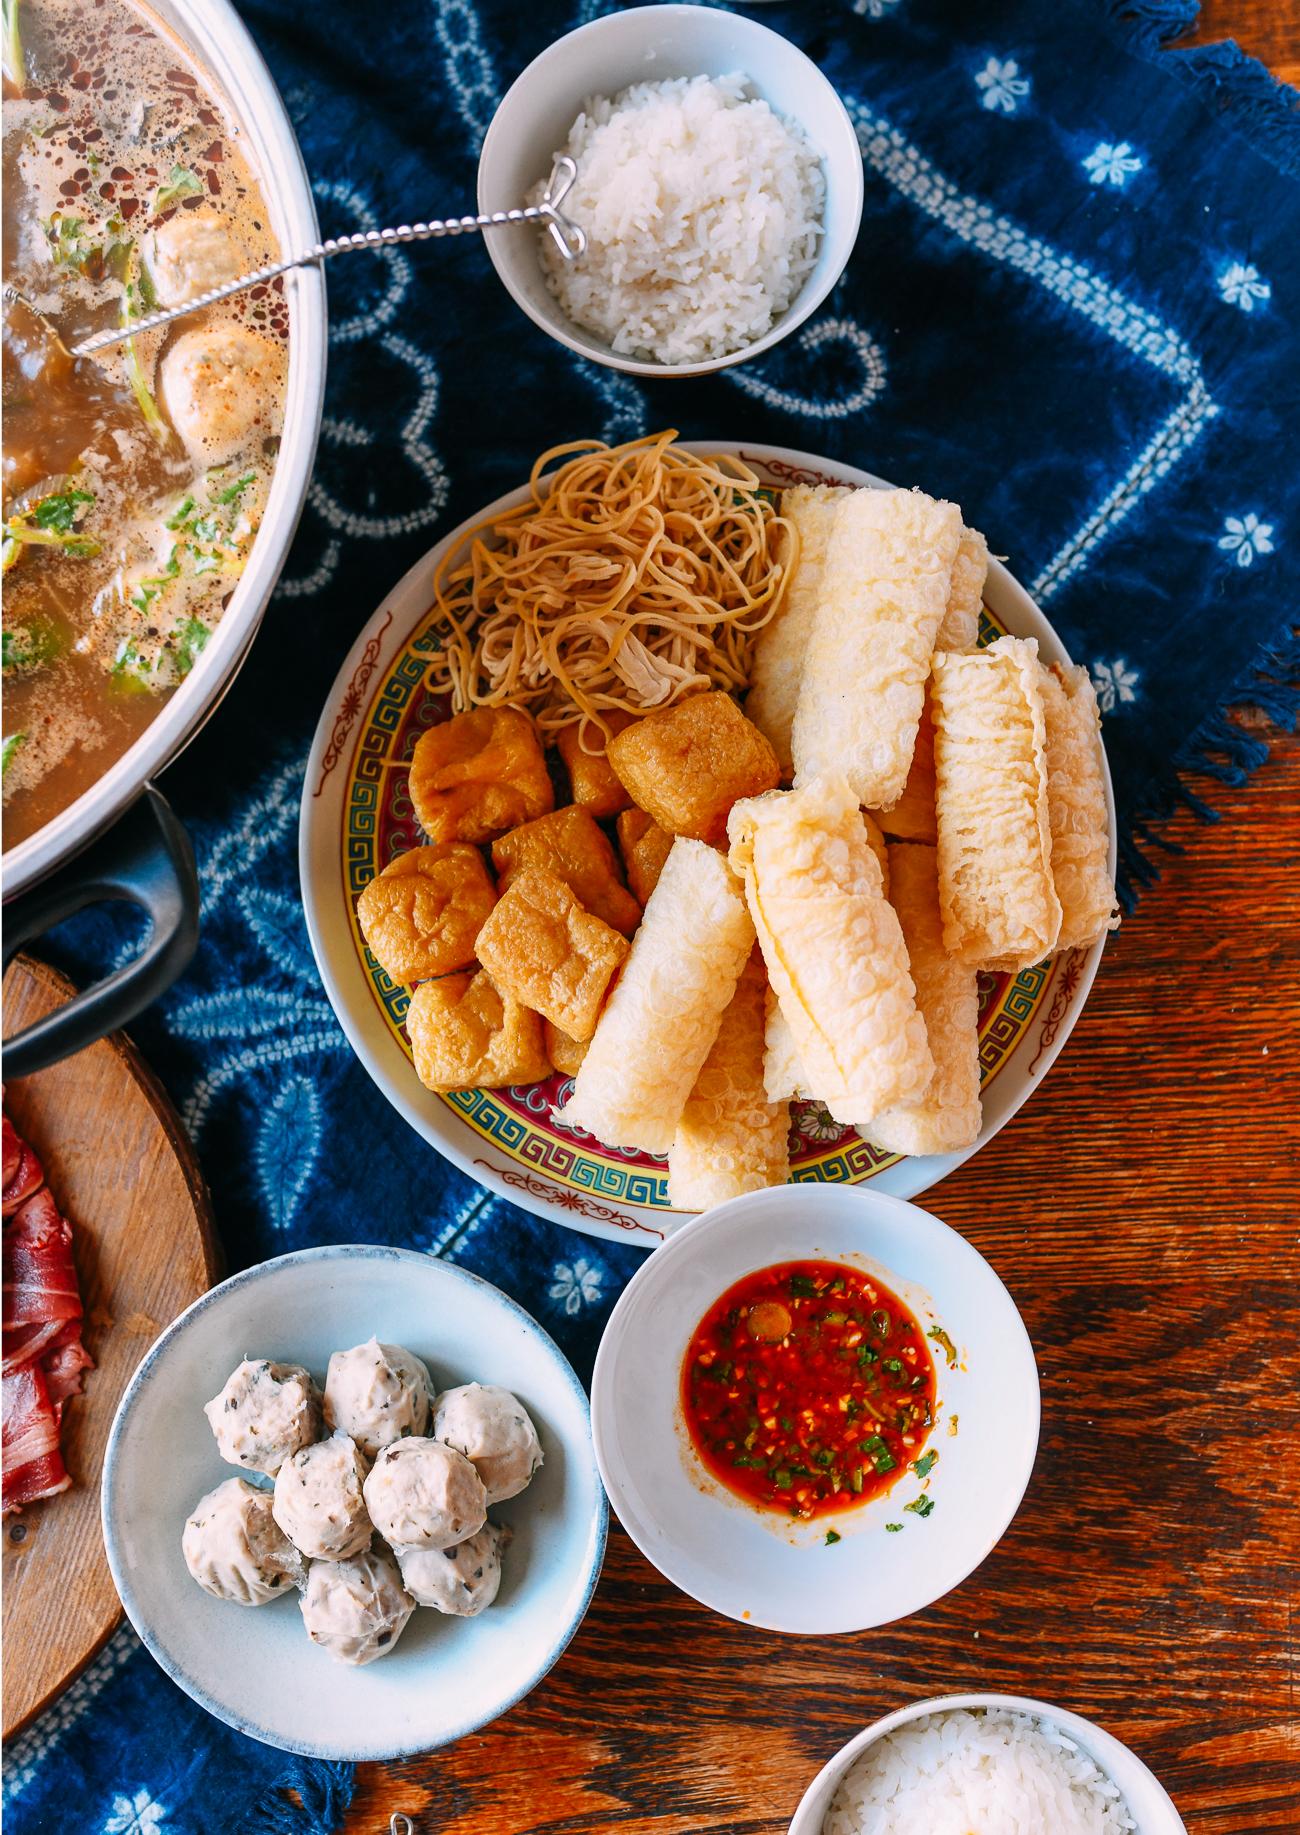 Tofu puffs, bean curd rolls, tofu noodles